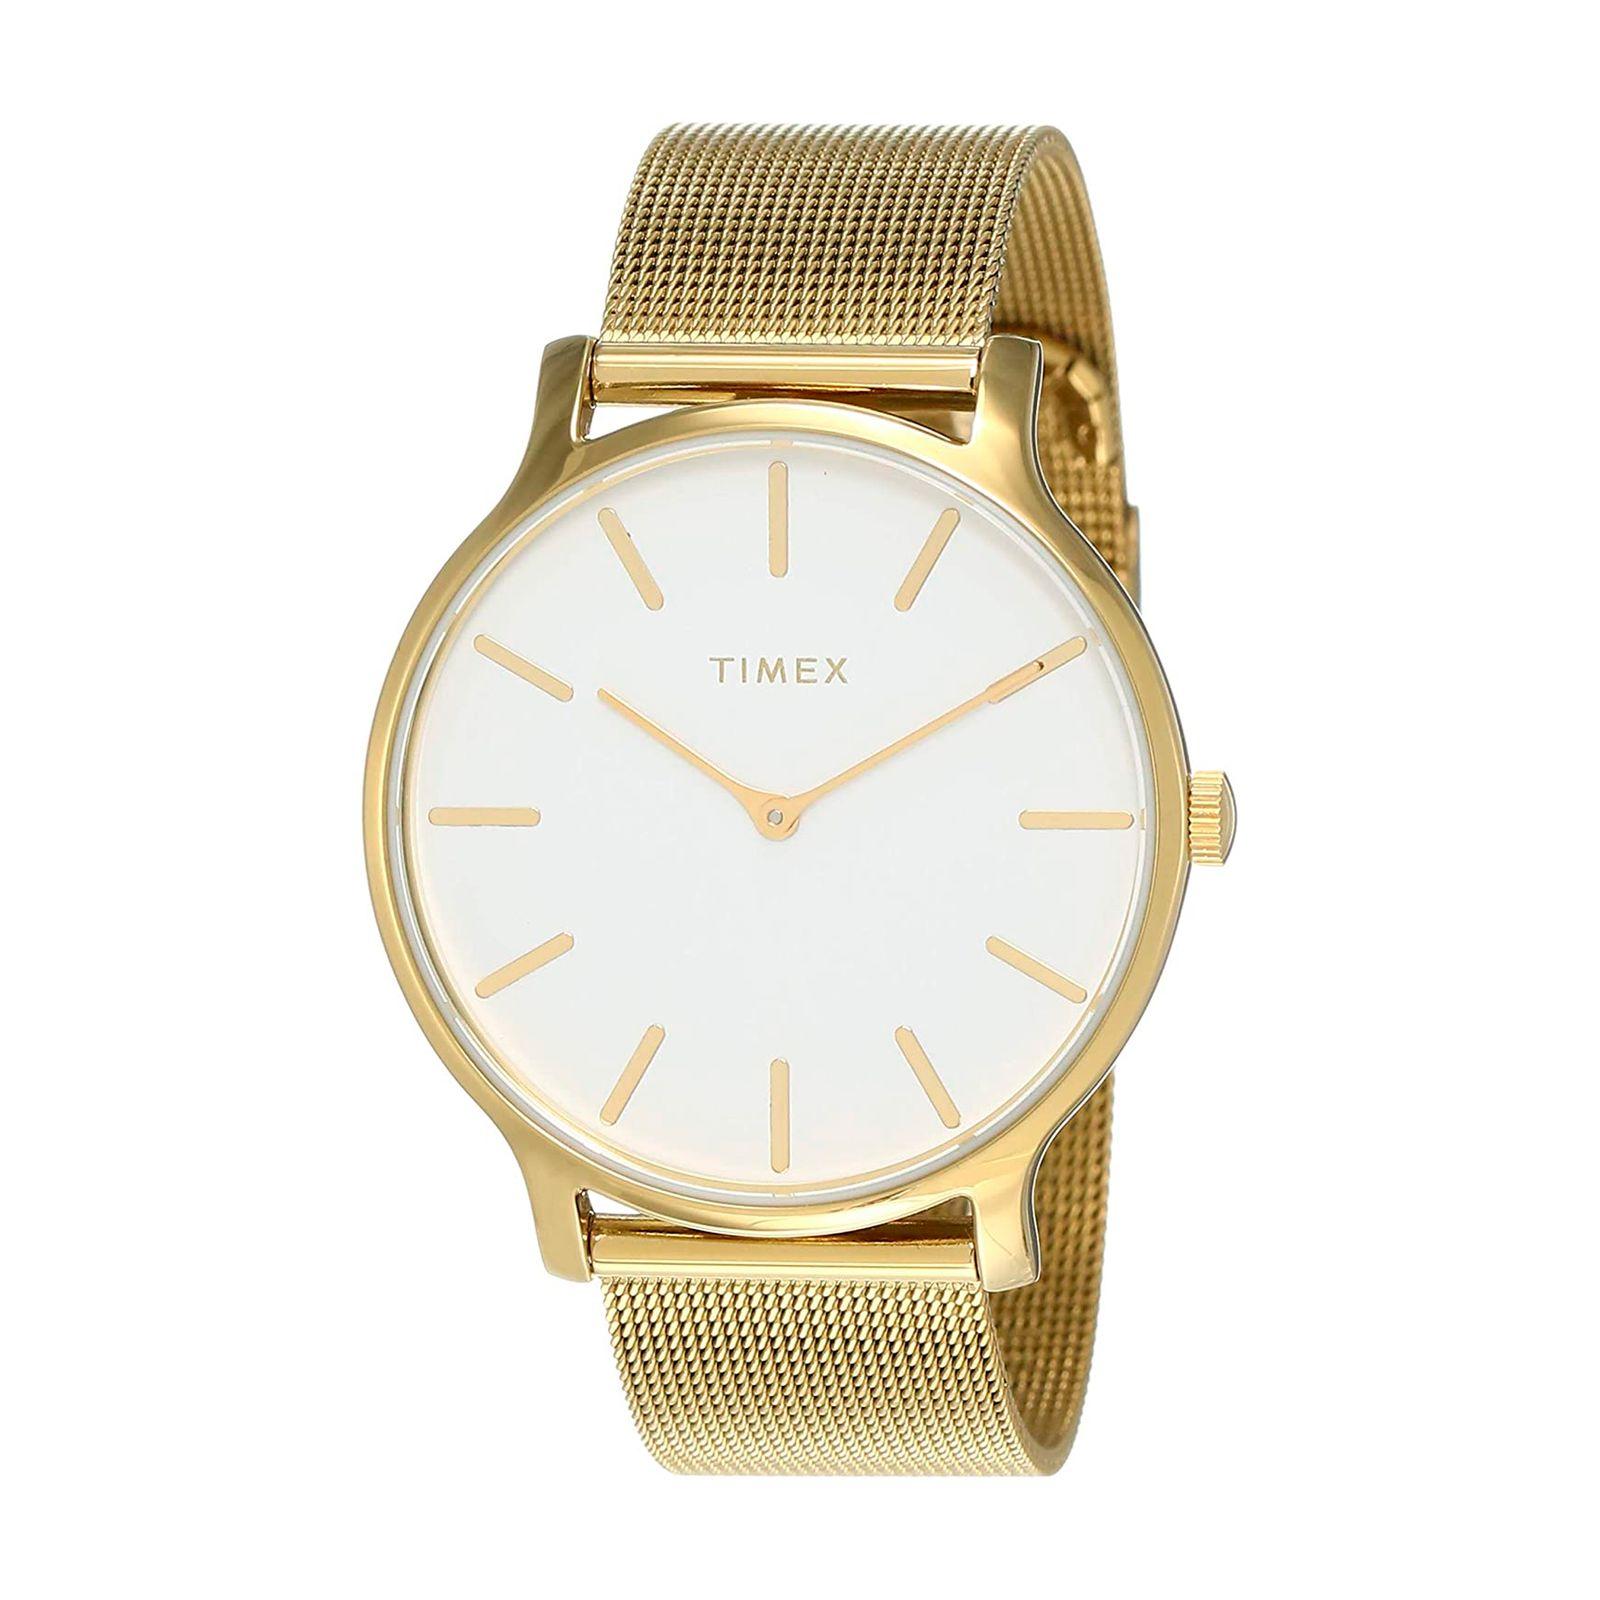 ساعت مچی عقربه ای زنانه تایمکس مدل TW2T74100 -  - 2